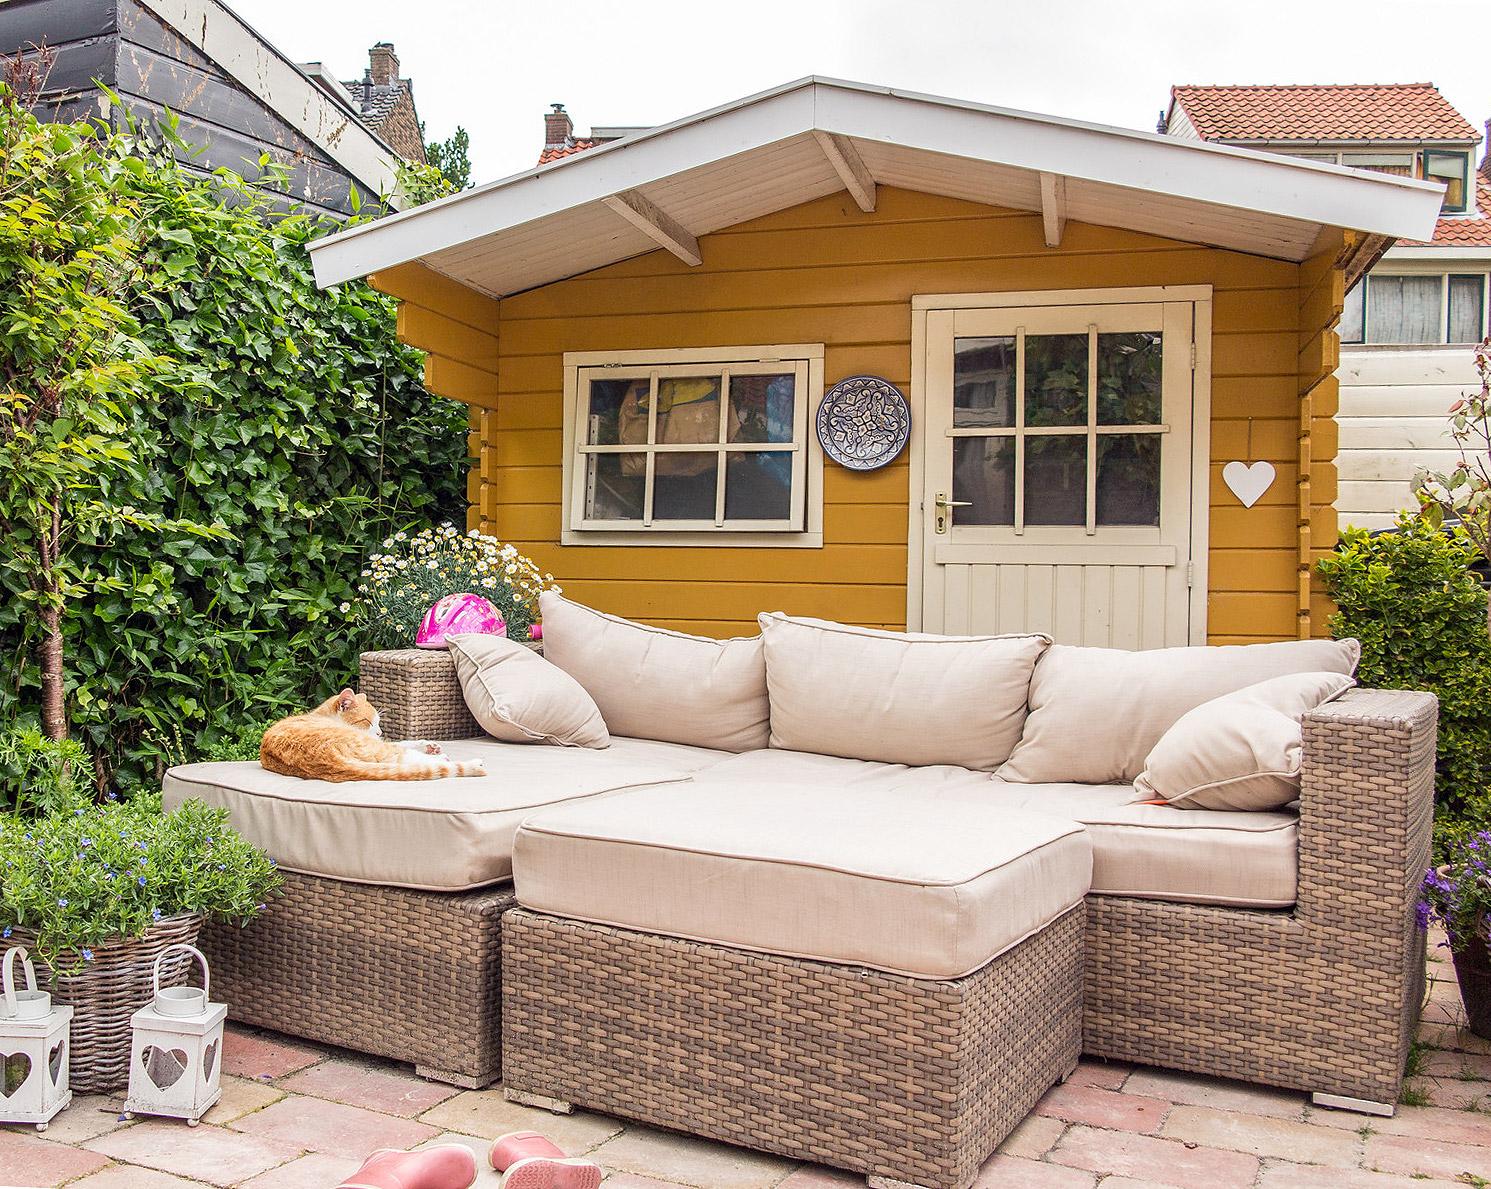 hauswand farbig gestalten carport streichen der gro e ratgeber f r heimwerker fassaden farbig. Black Bedroom Furniture Sets. Home Design Ideas